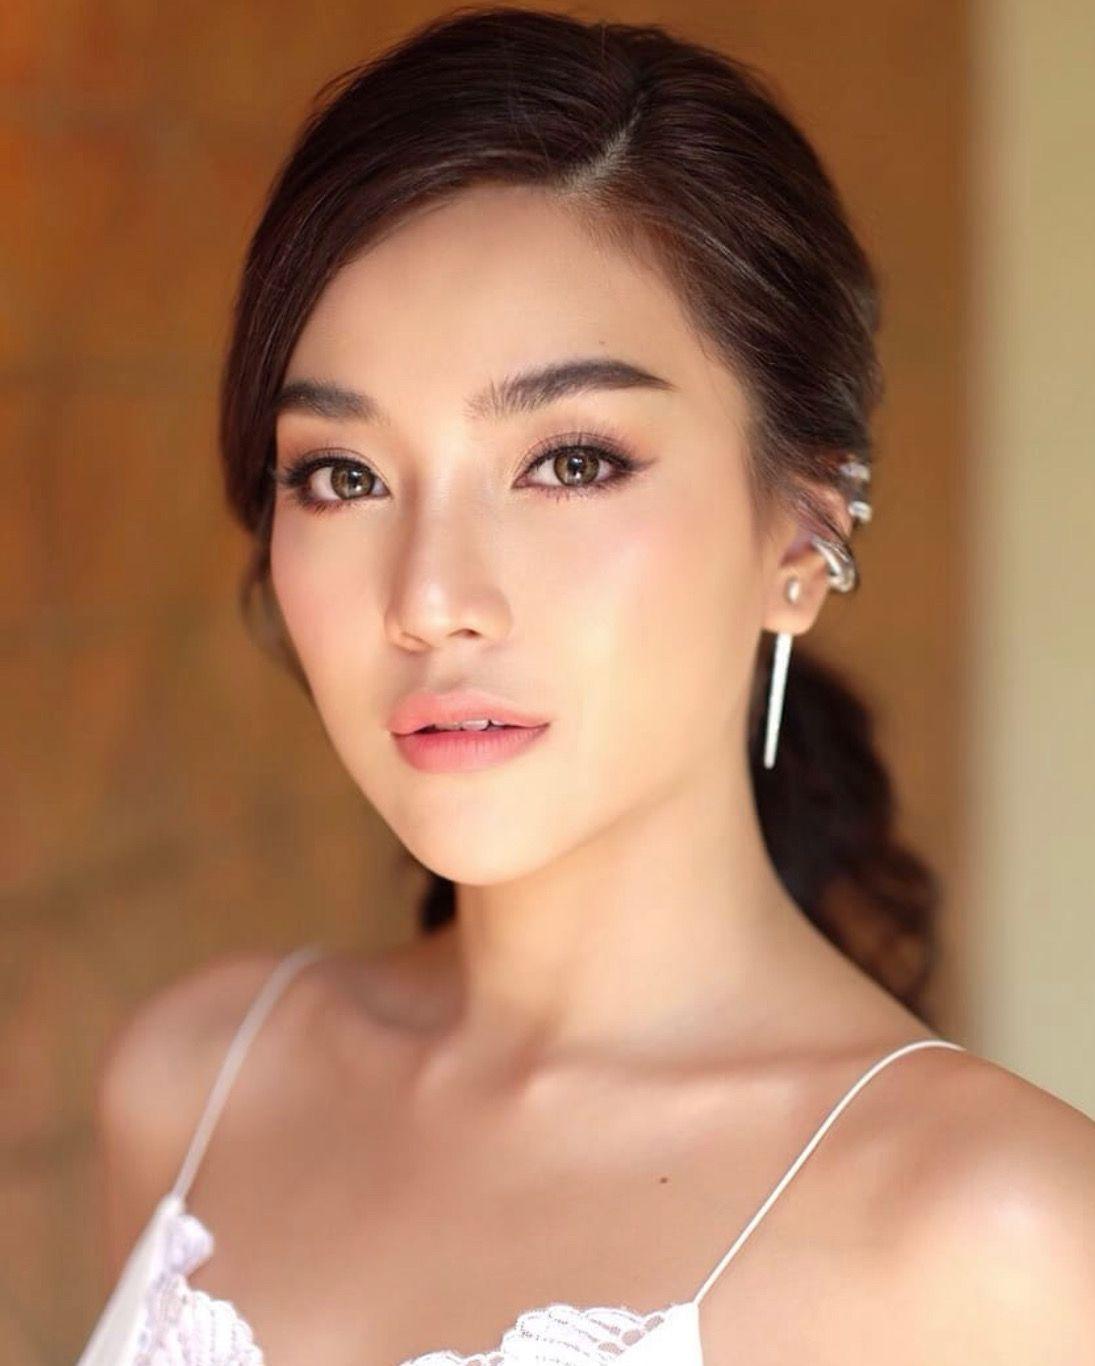 Asian makeup, natural makeup, flawless makeup, skincare, hooded